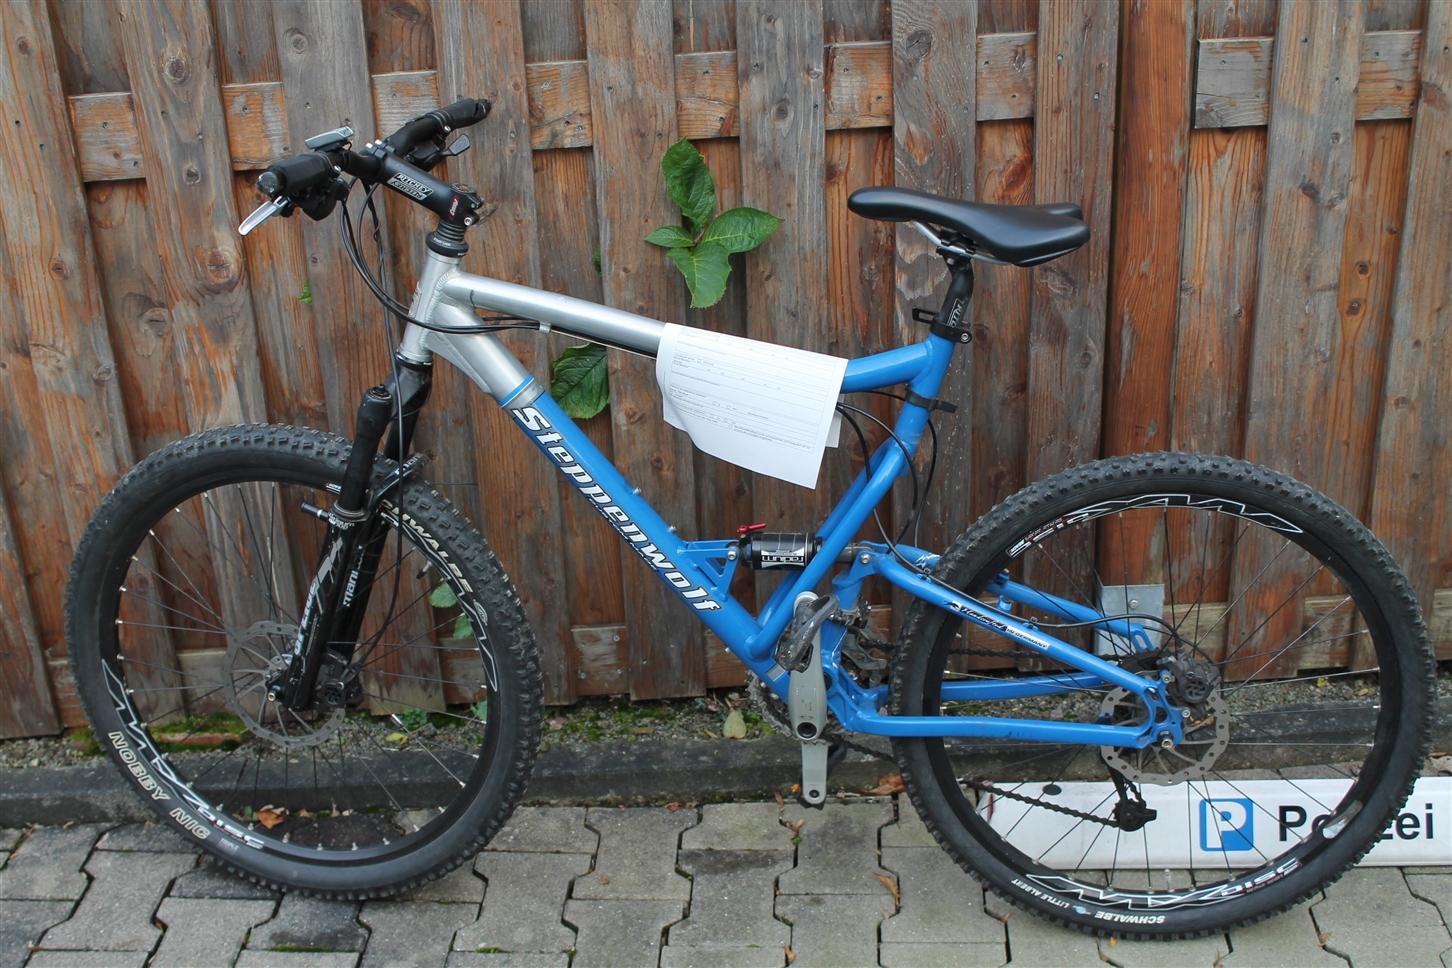 Wer vermisst ein blau-silbernes Mountainbike?